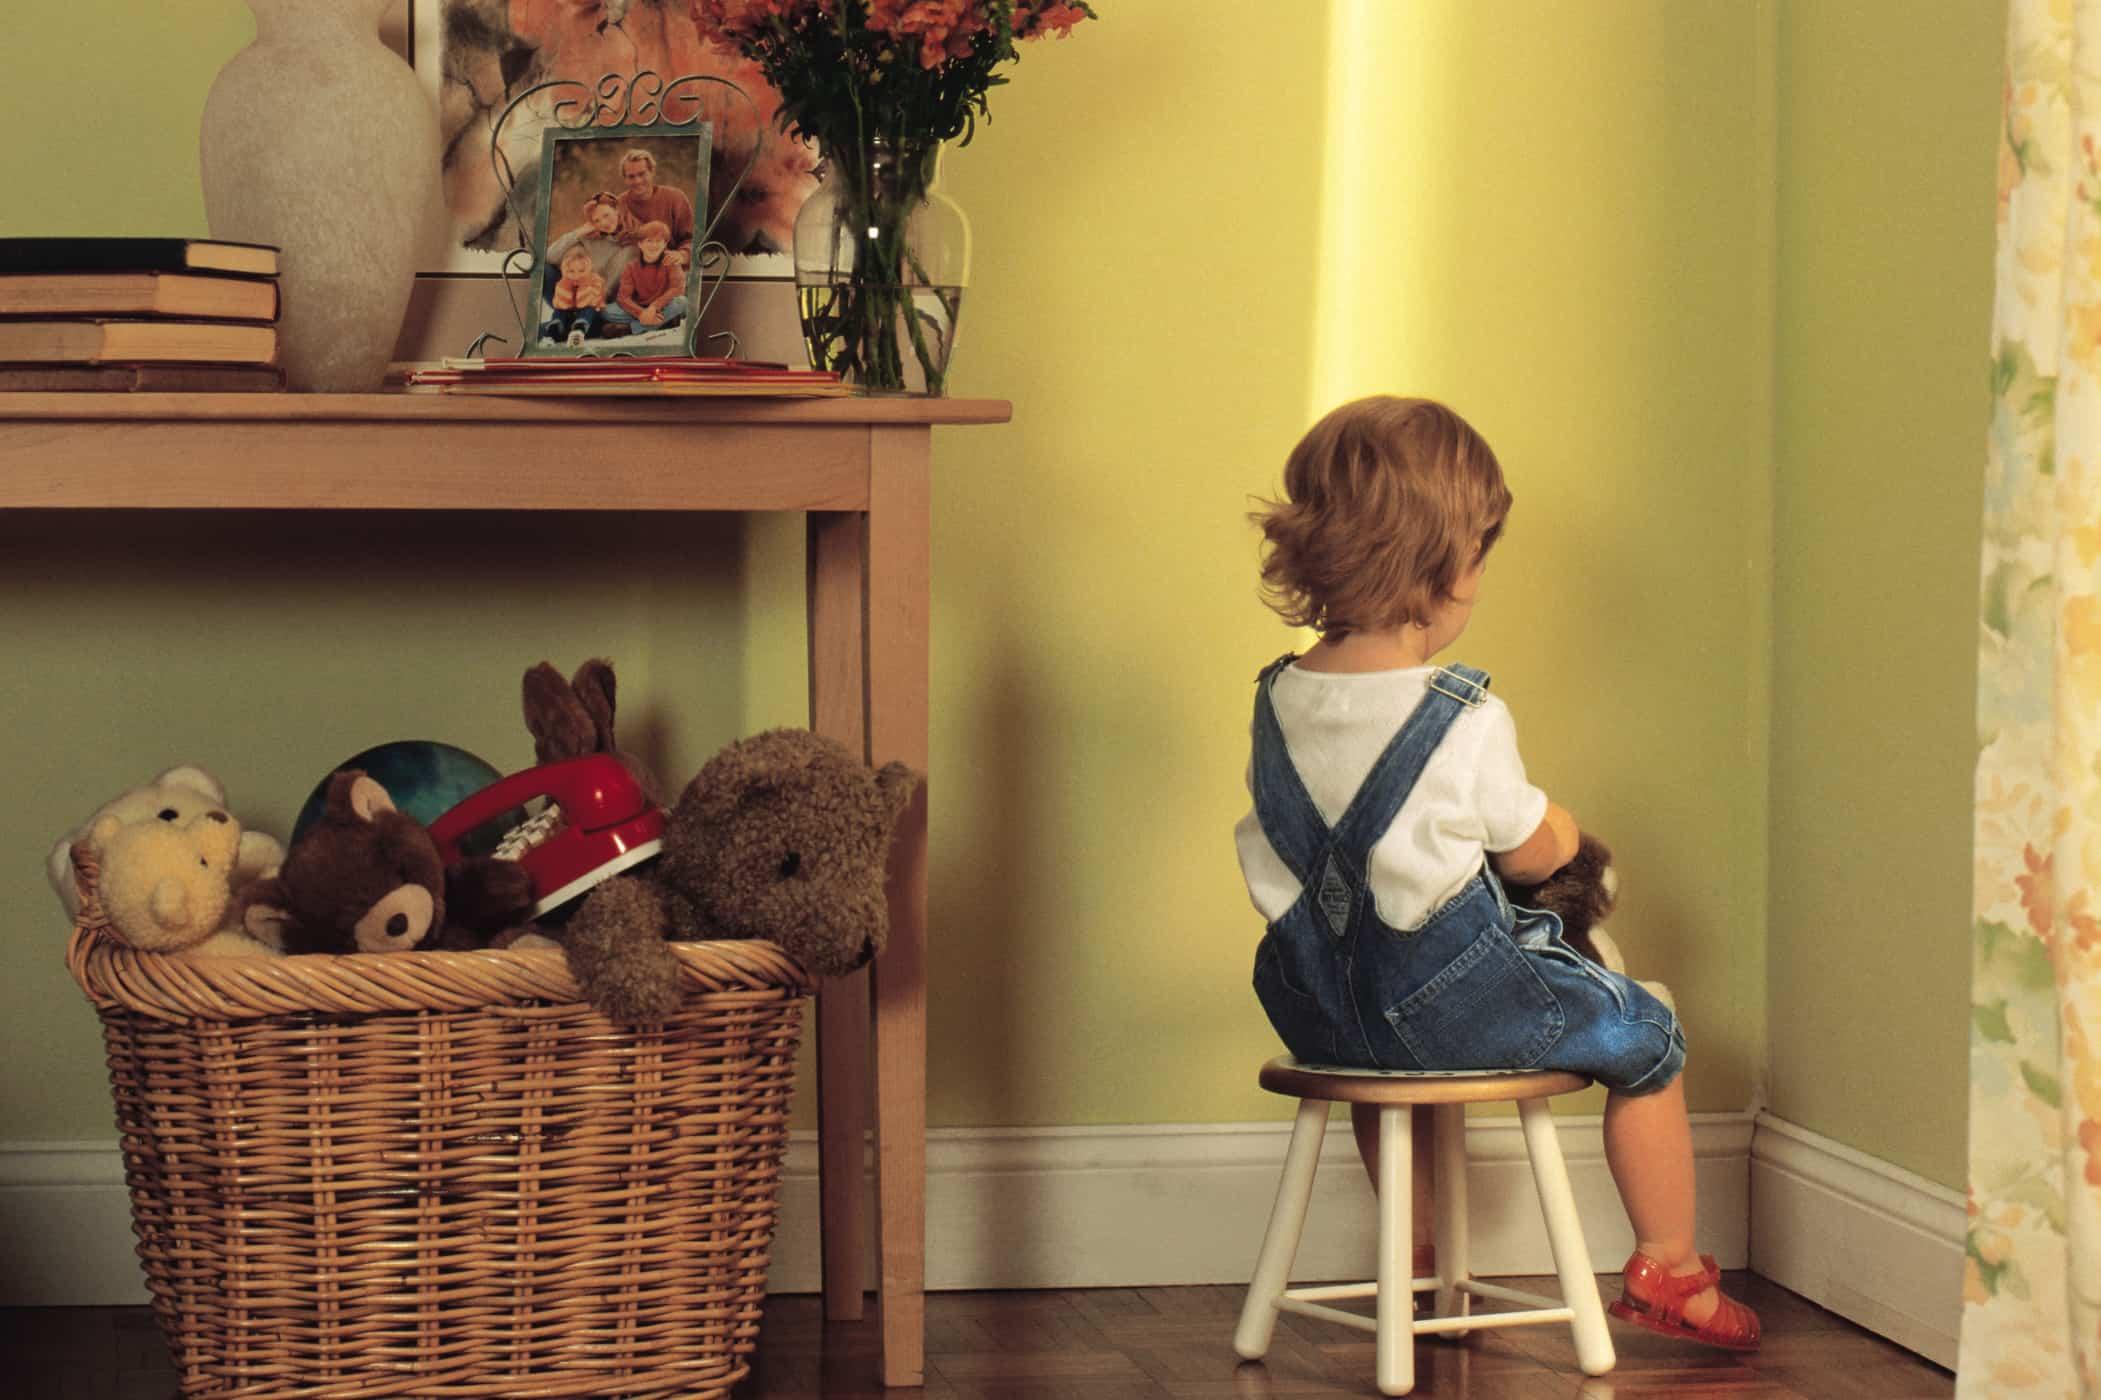 10 cách kỷ luật con sai mà đa số bố mẹ thường mắc phải